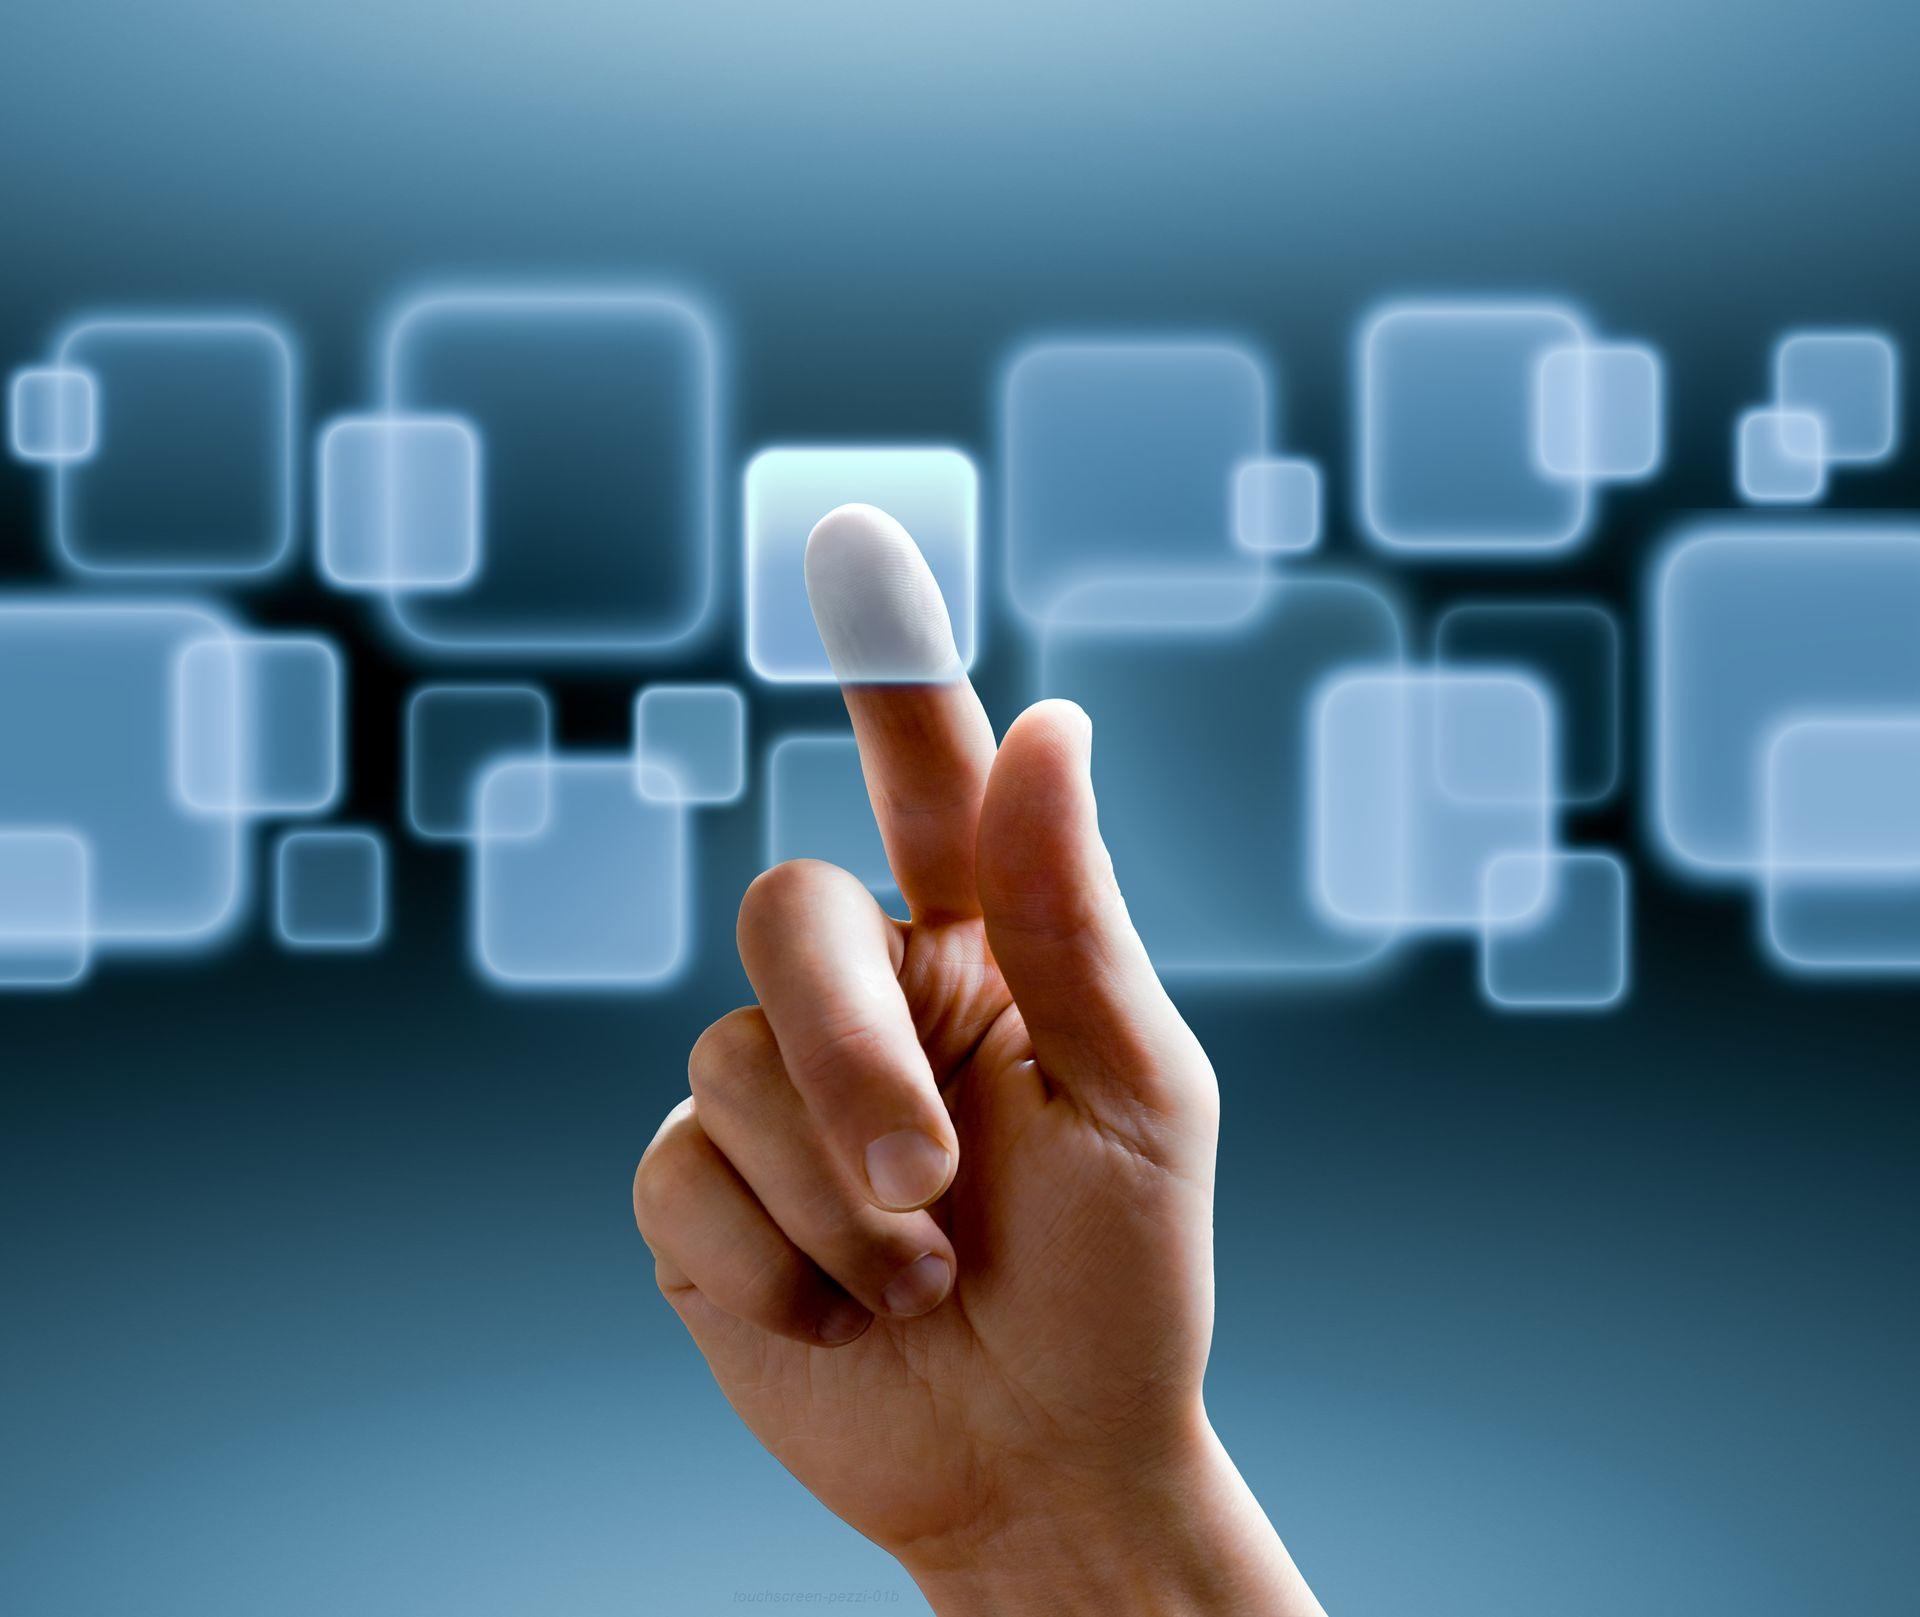 inVENTer-Downloads: Alles zu Ihren inVENTer-Produkten